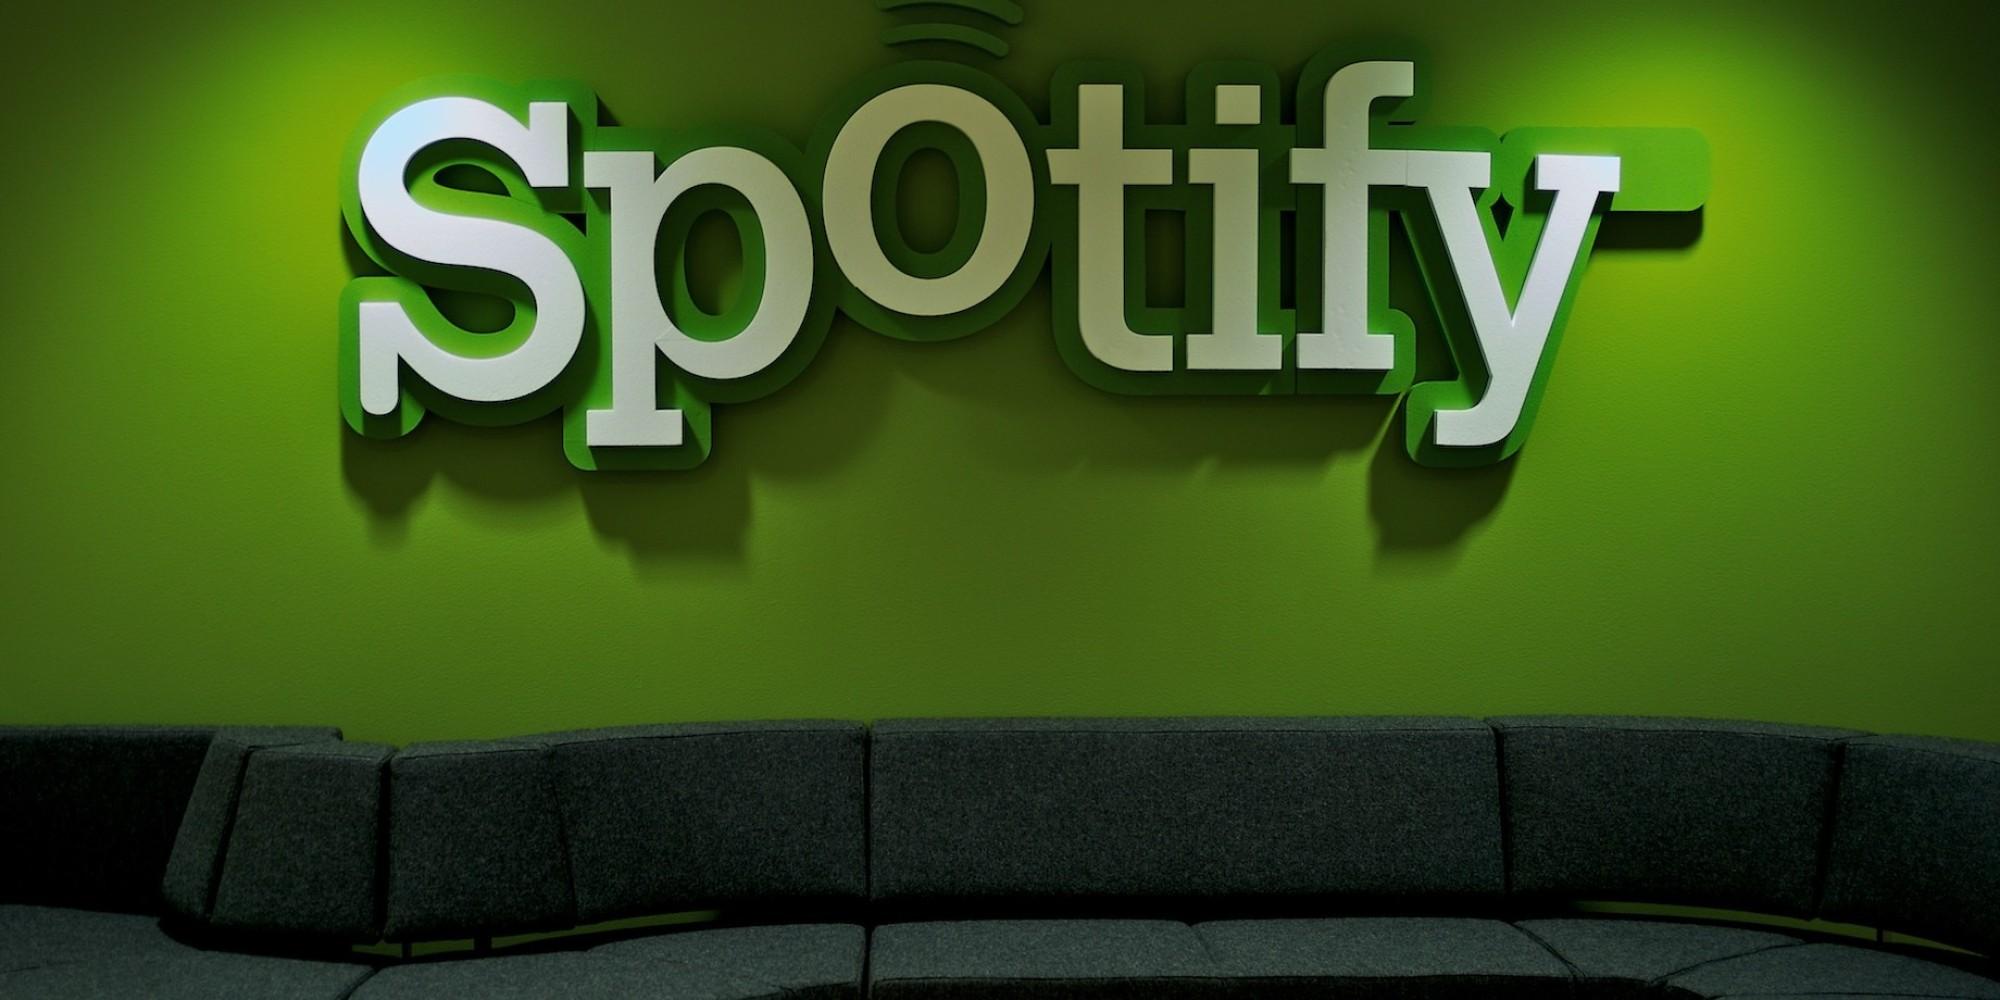 ¿Usas Spotify para Android? Por seguridad, elimina la aplicación actual y descarga la nueva